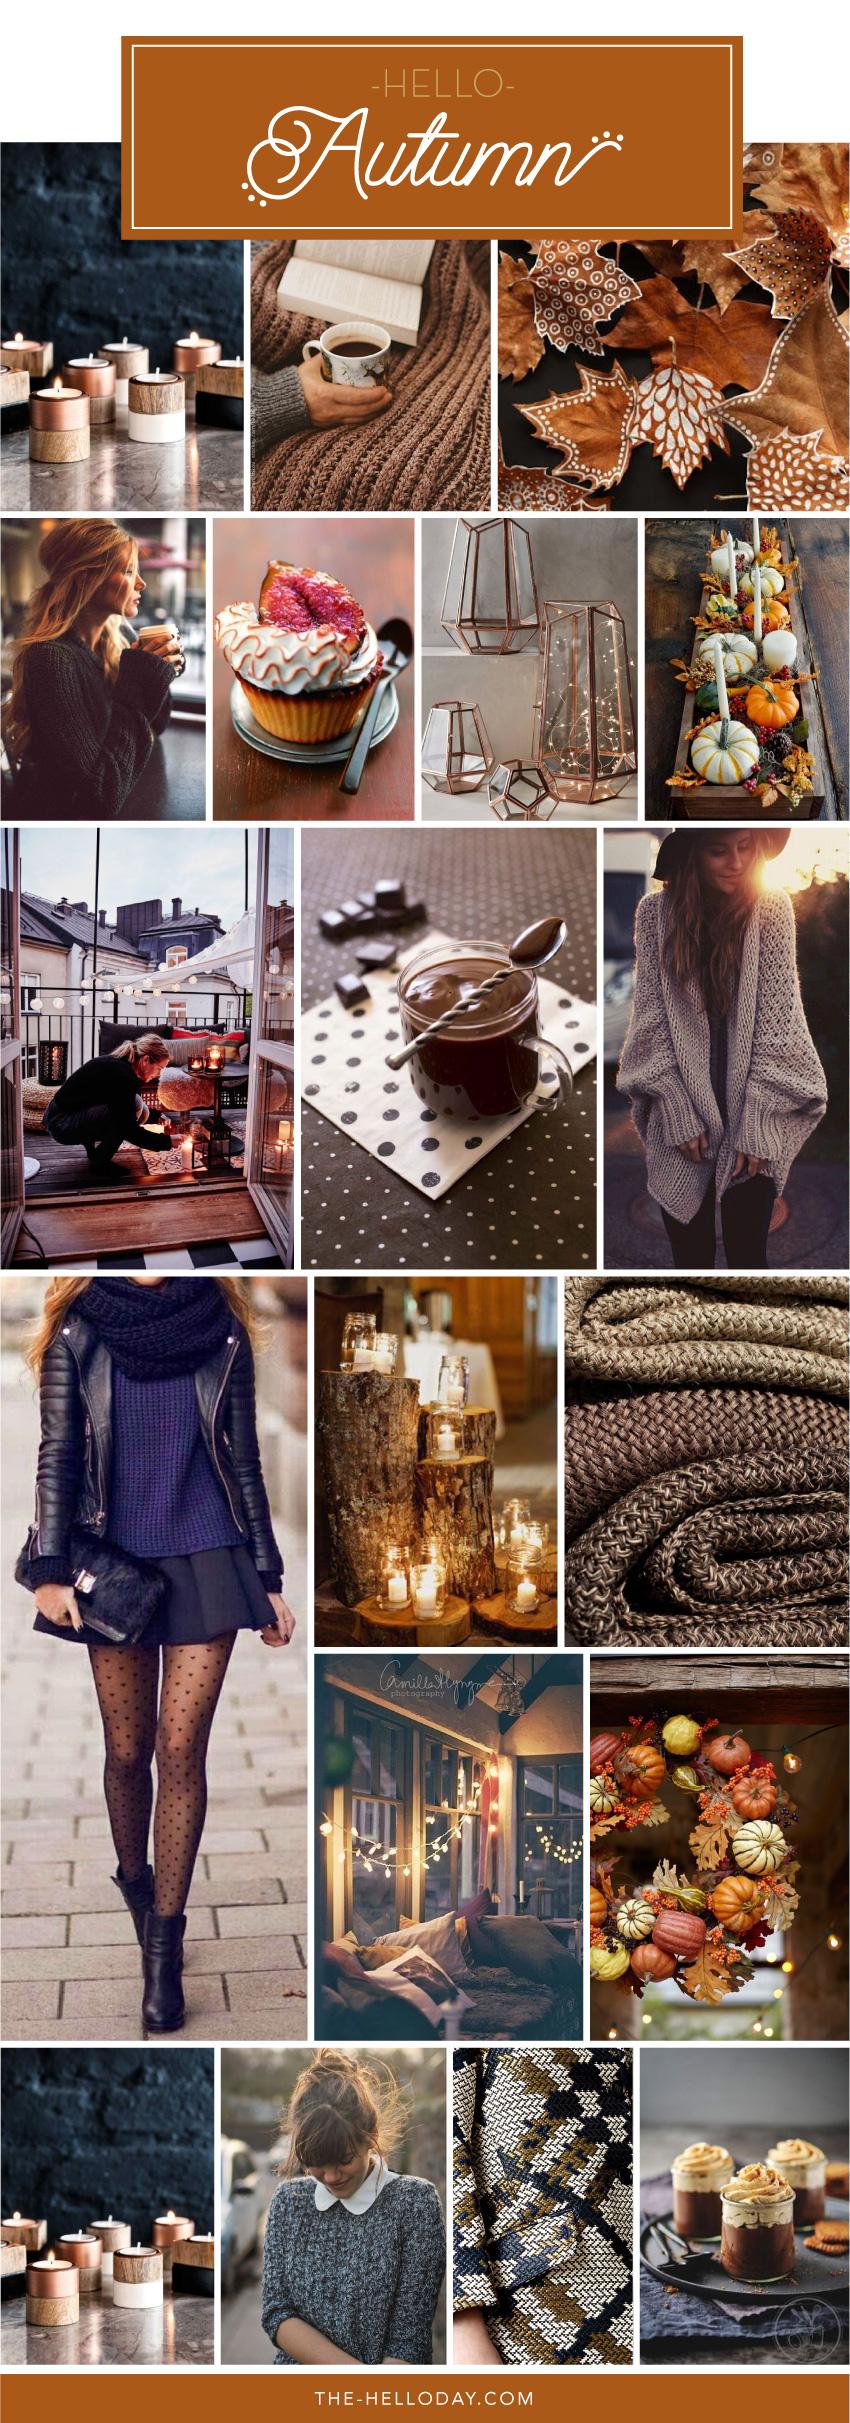 Pinterest - hello autumn